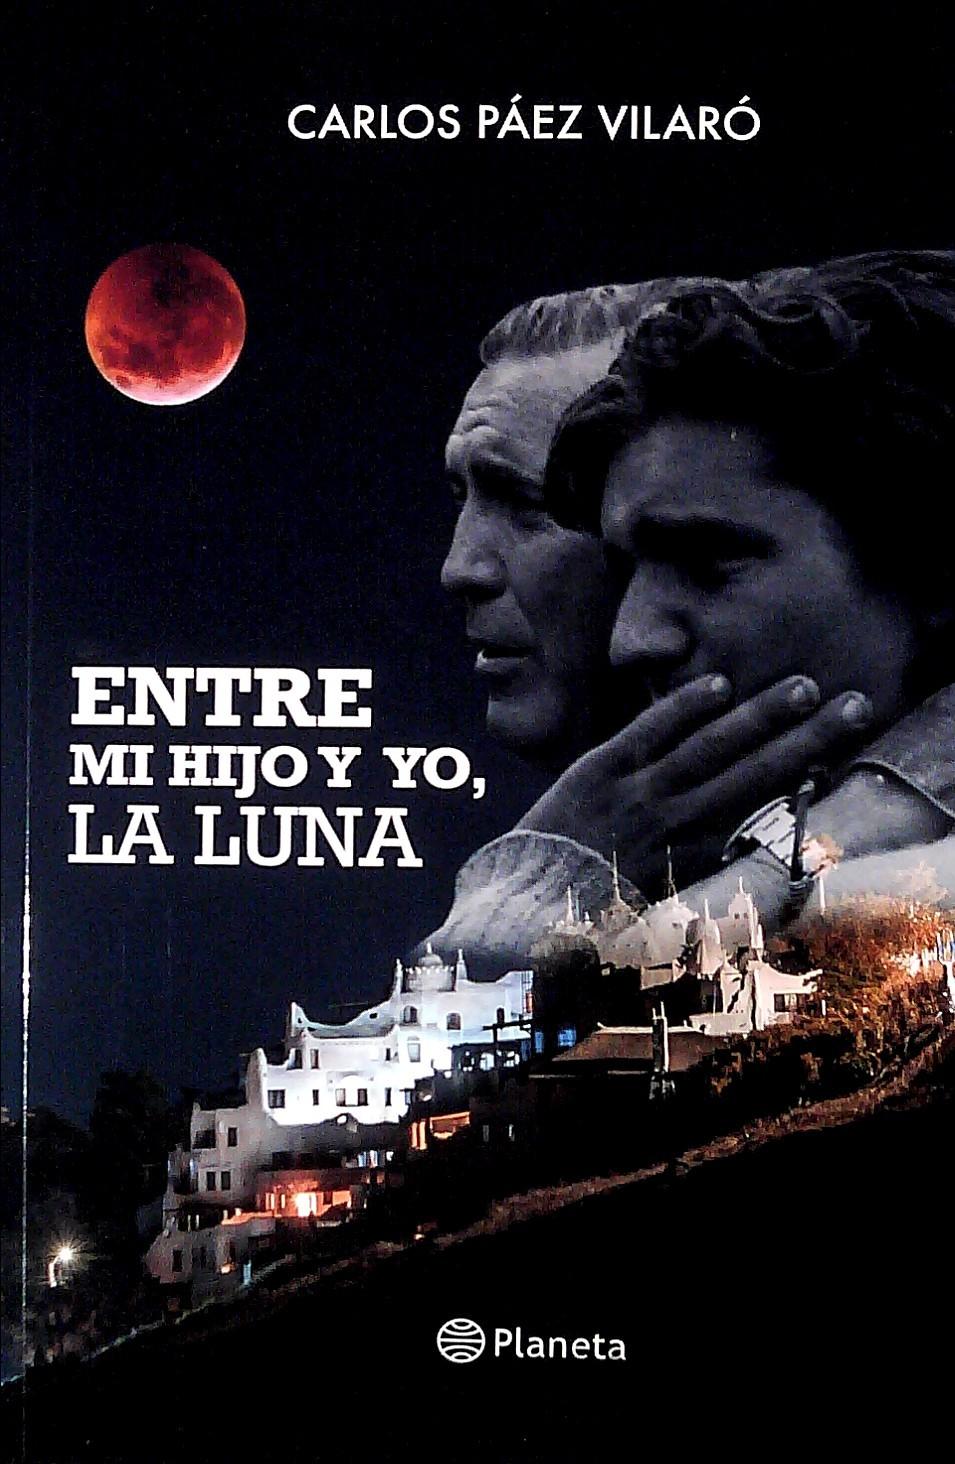 CARLOS PAEZ VILARO : ENTRE MI HIJO Y YO, LA LUNA.